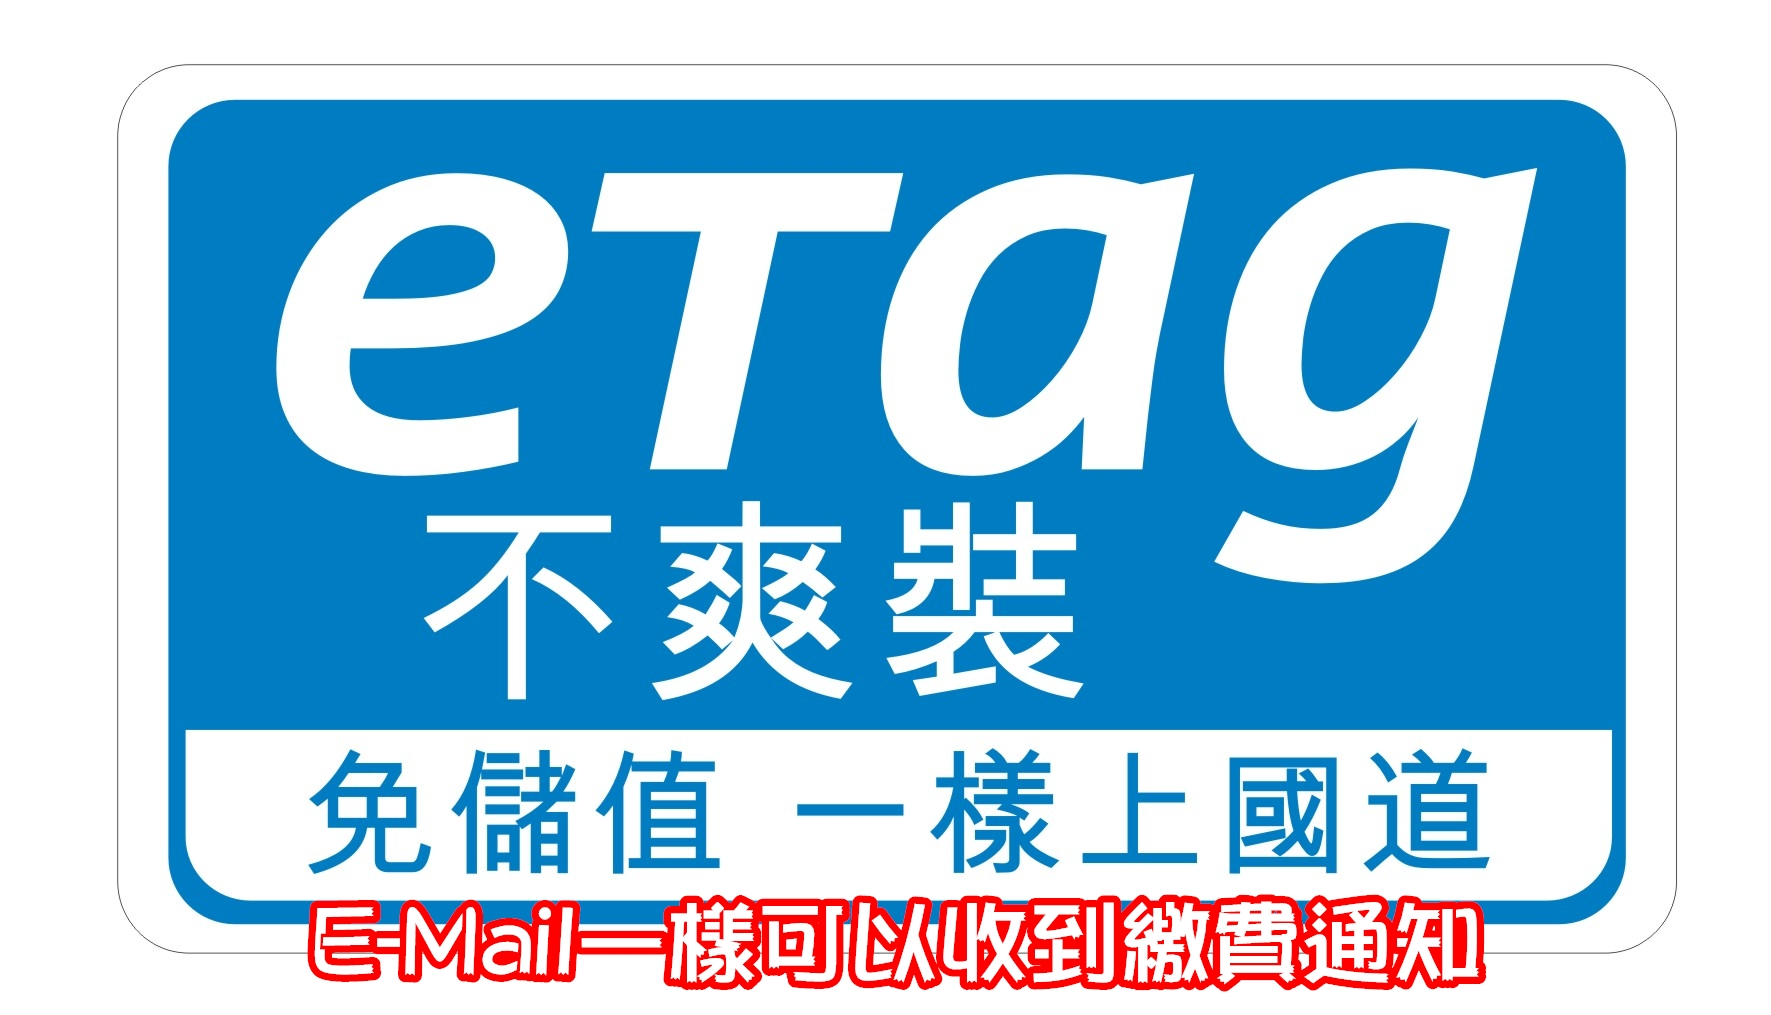 非eTag用戶一樣可以透過E-Mail來收到繳費的通知